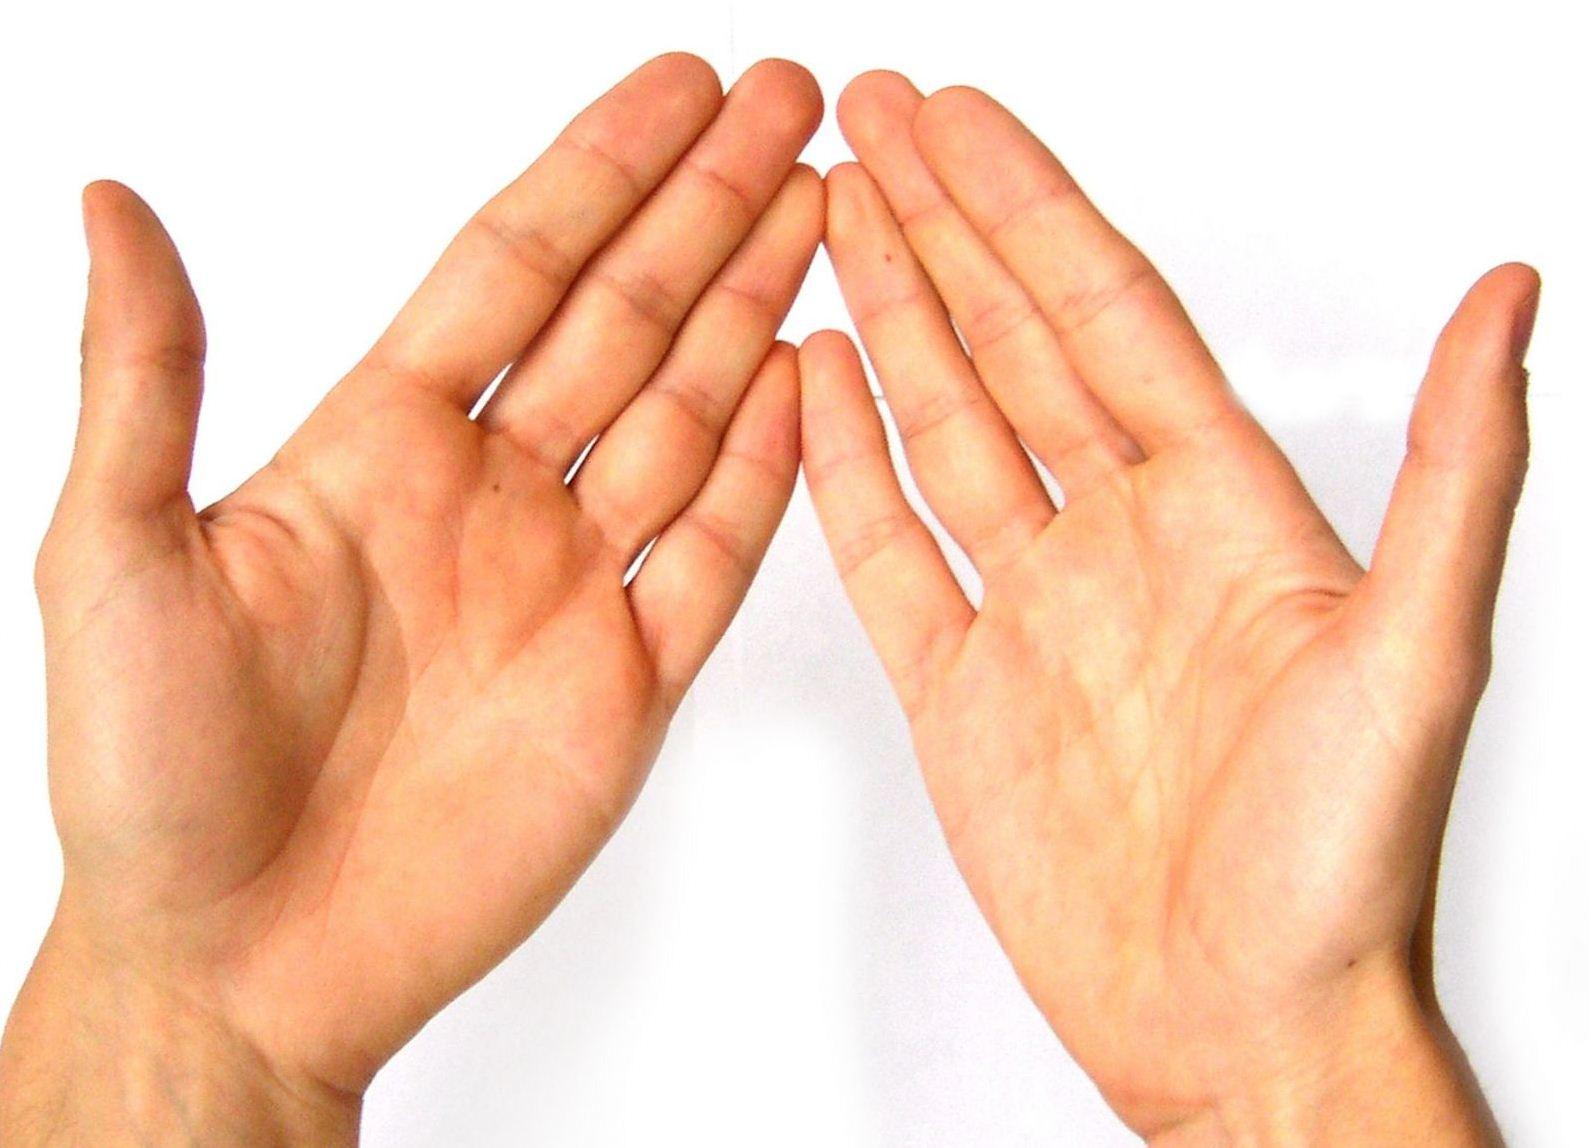 Линия детей на руке: http://womanadvice.ru/liniya-detey-na-ruke